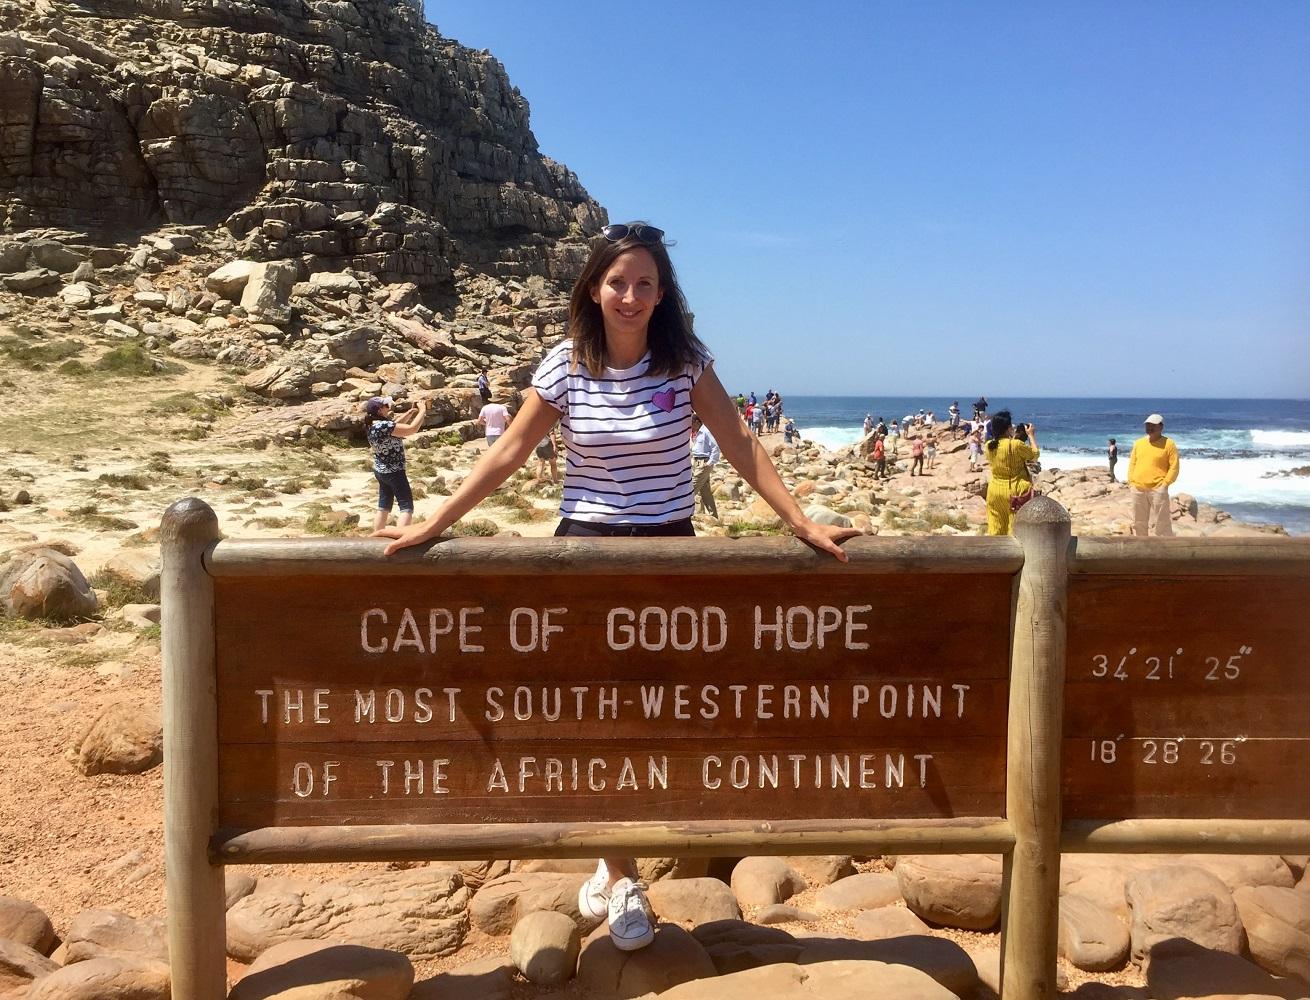 Legendäres Mein Schiff Ausflugsziel: Das Kap der Guten Hoffnung